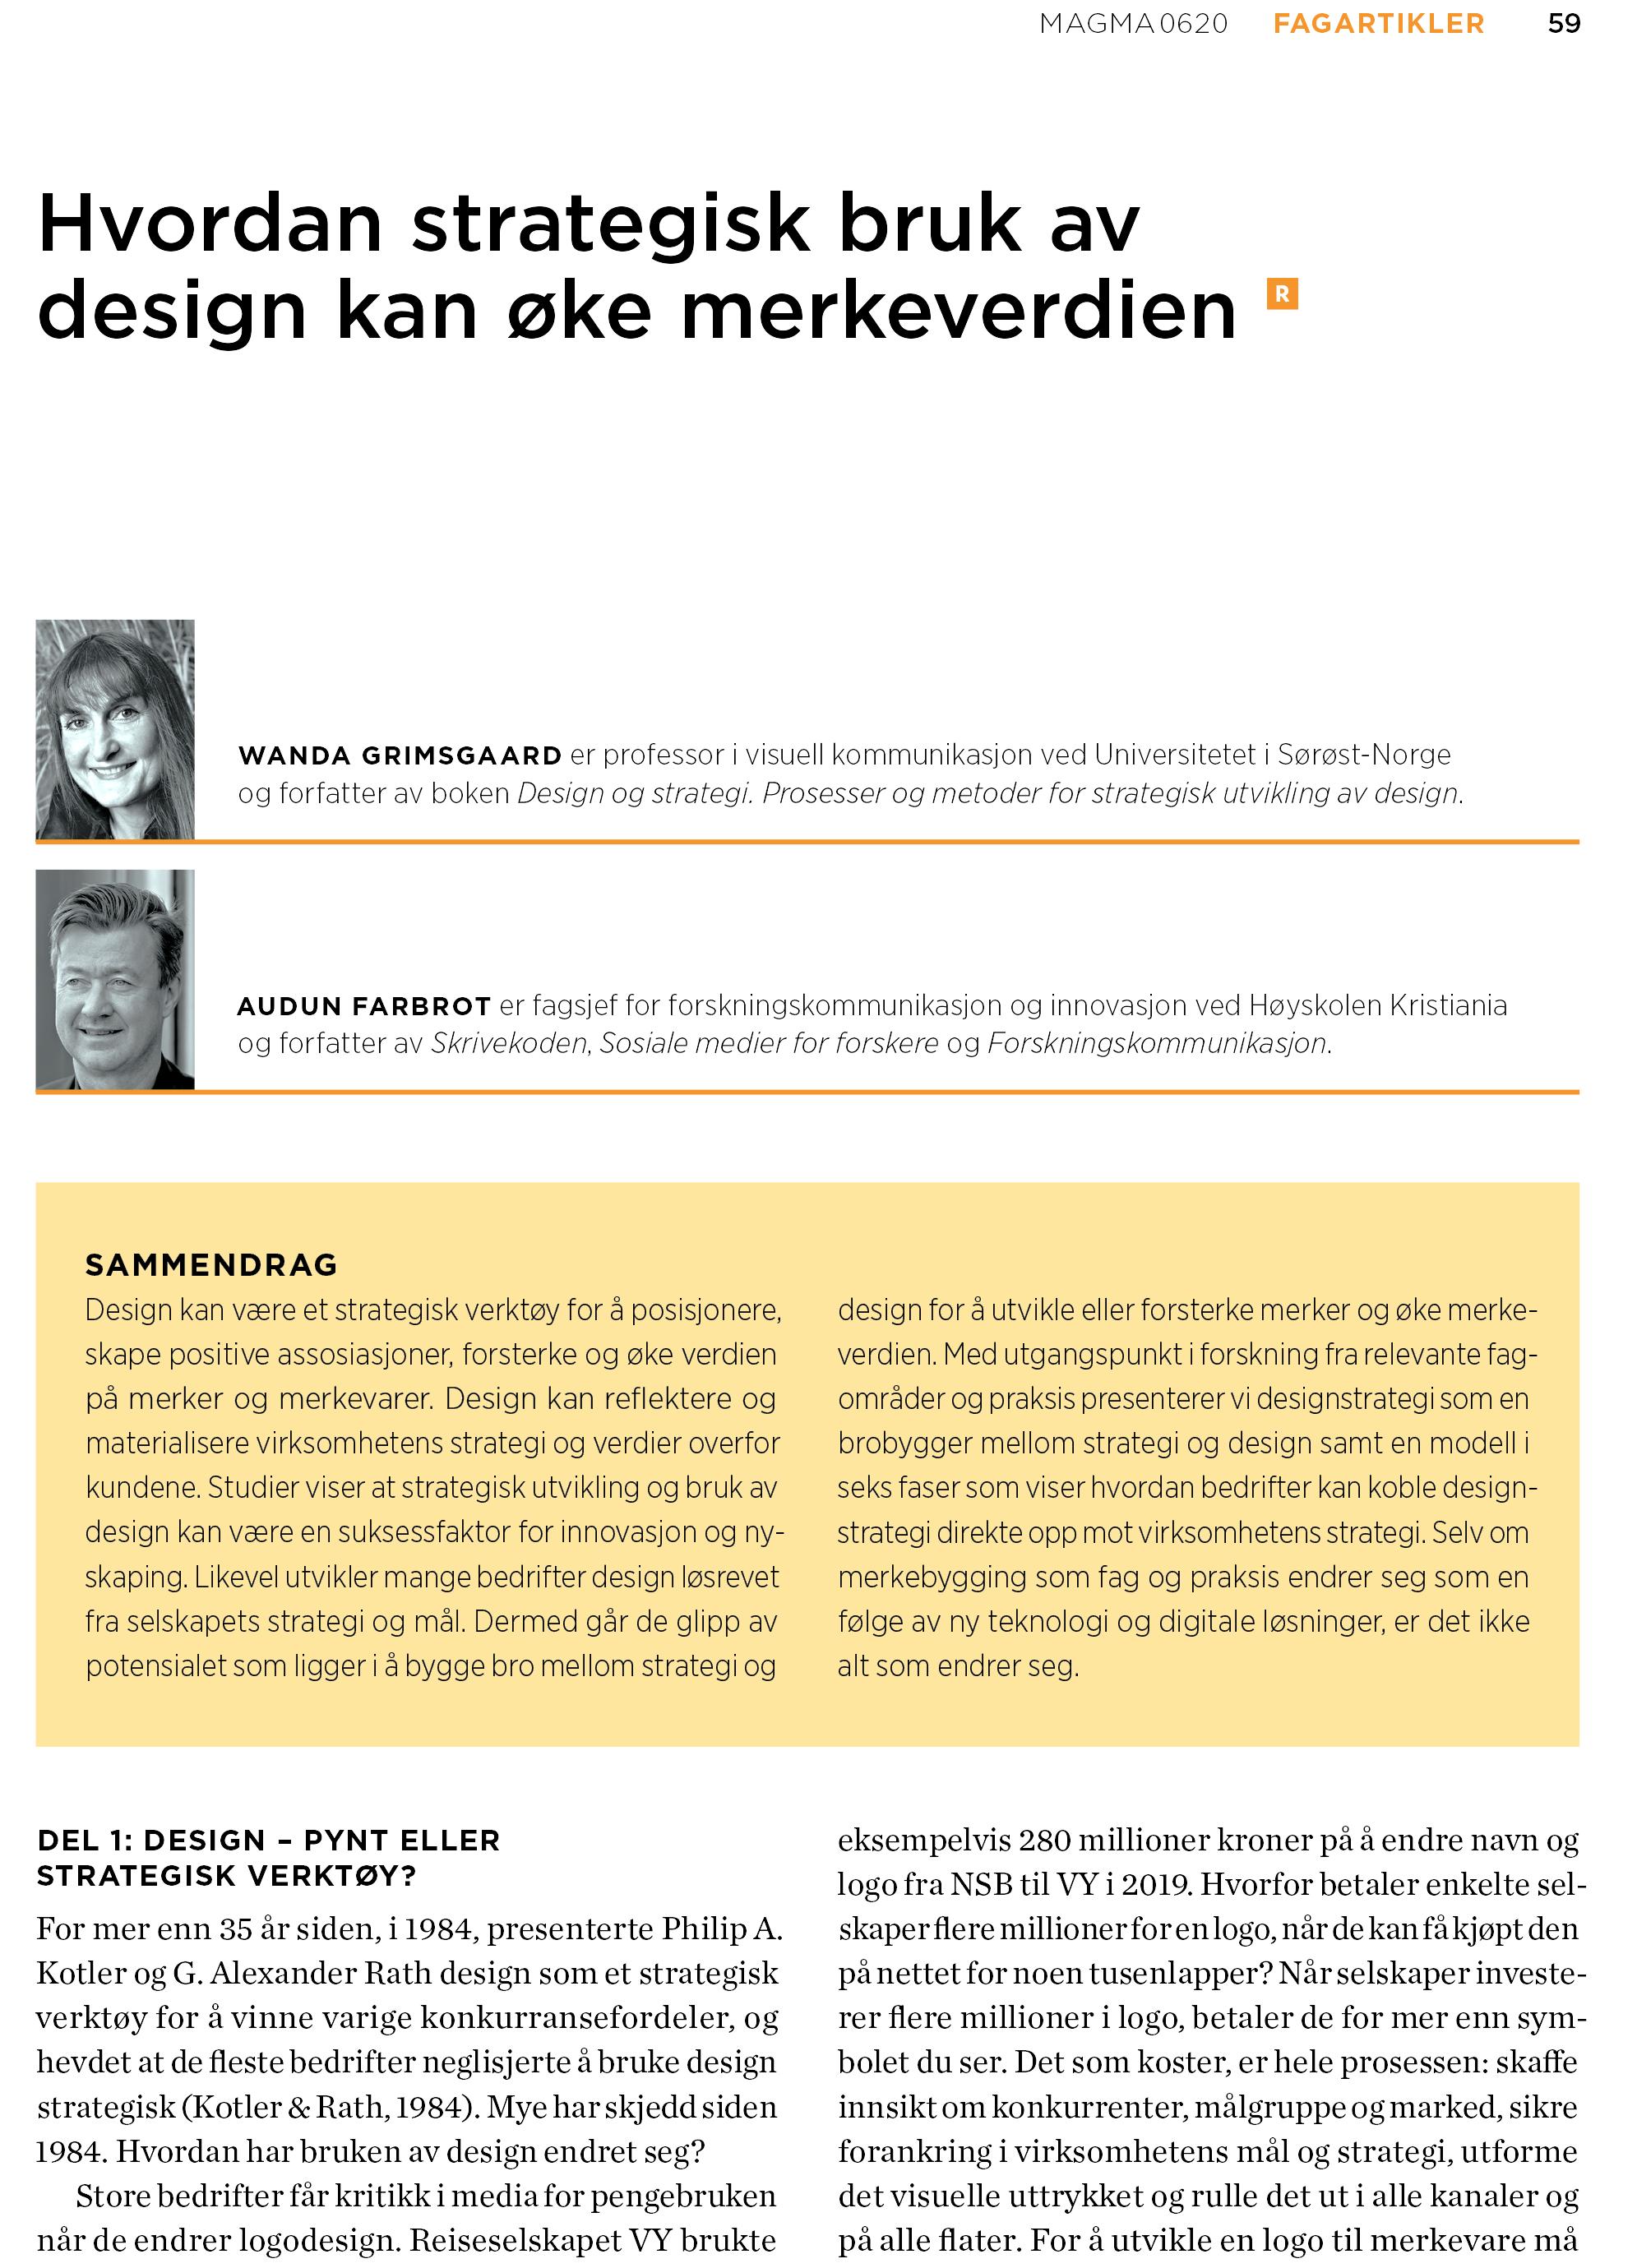 """Faksimile fra Magma nr. 6-2020, """"Markedsføring og merkevarebygging"""", s. (59-67). Publisert som papirutgave 27.10.2020. Forfattere: Wanda Grimsgaard, Audun Farbrot. Fagartikkelen er tilgjengelig som open-source."""